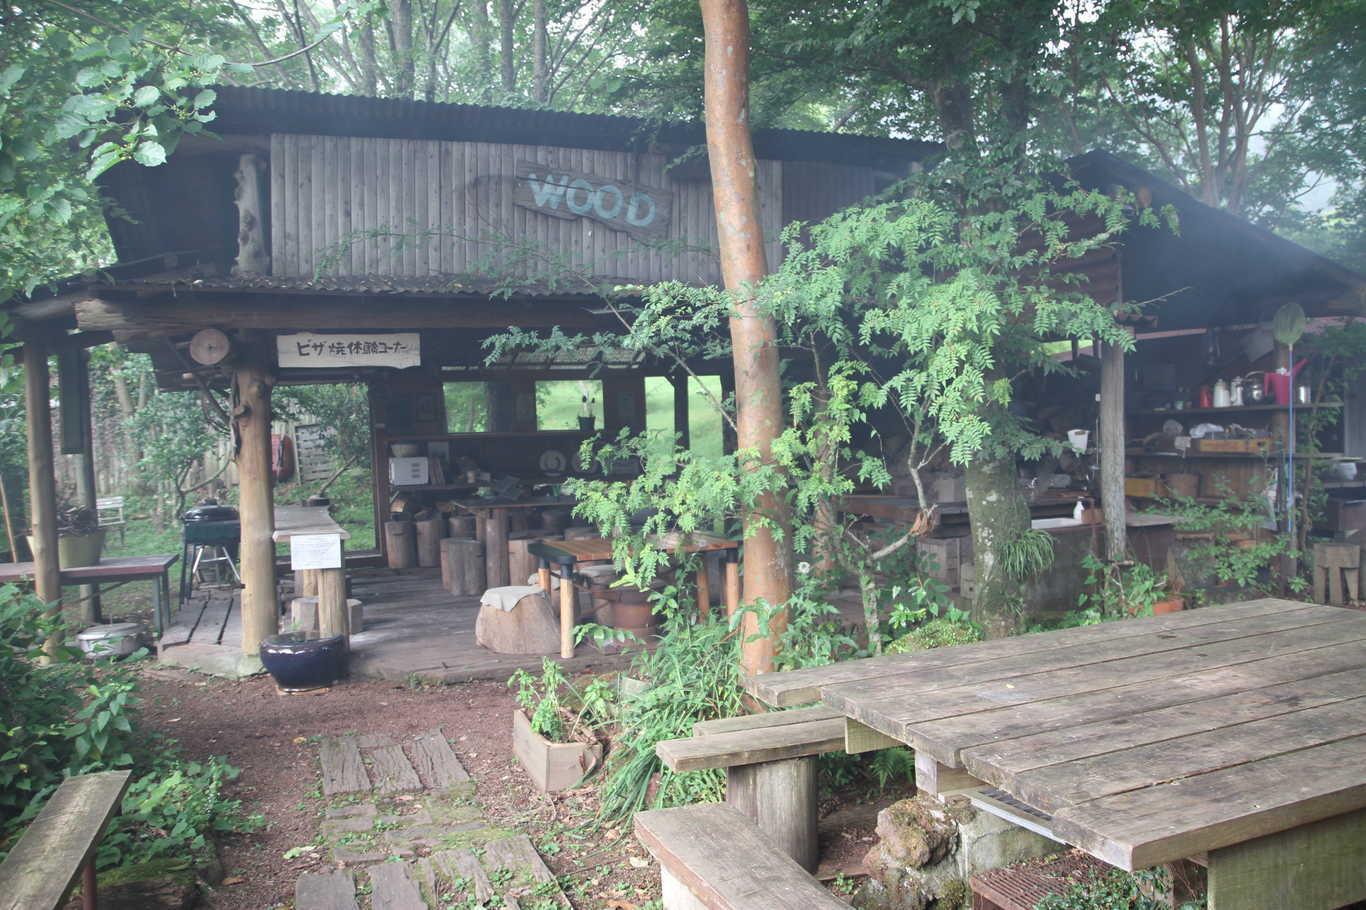 森の手作り屋さん「かたつむり」&「ファーマーズヒル」 の写真p